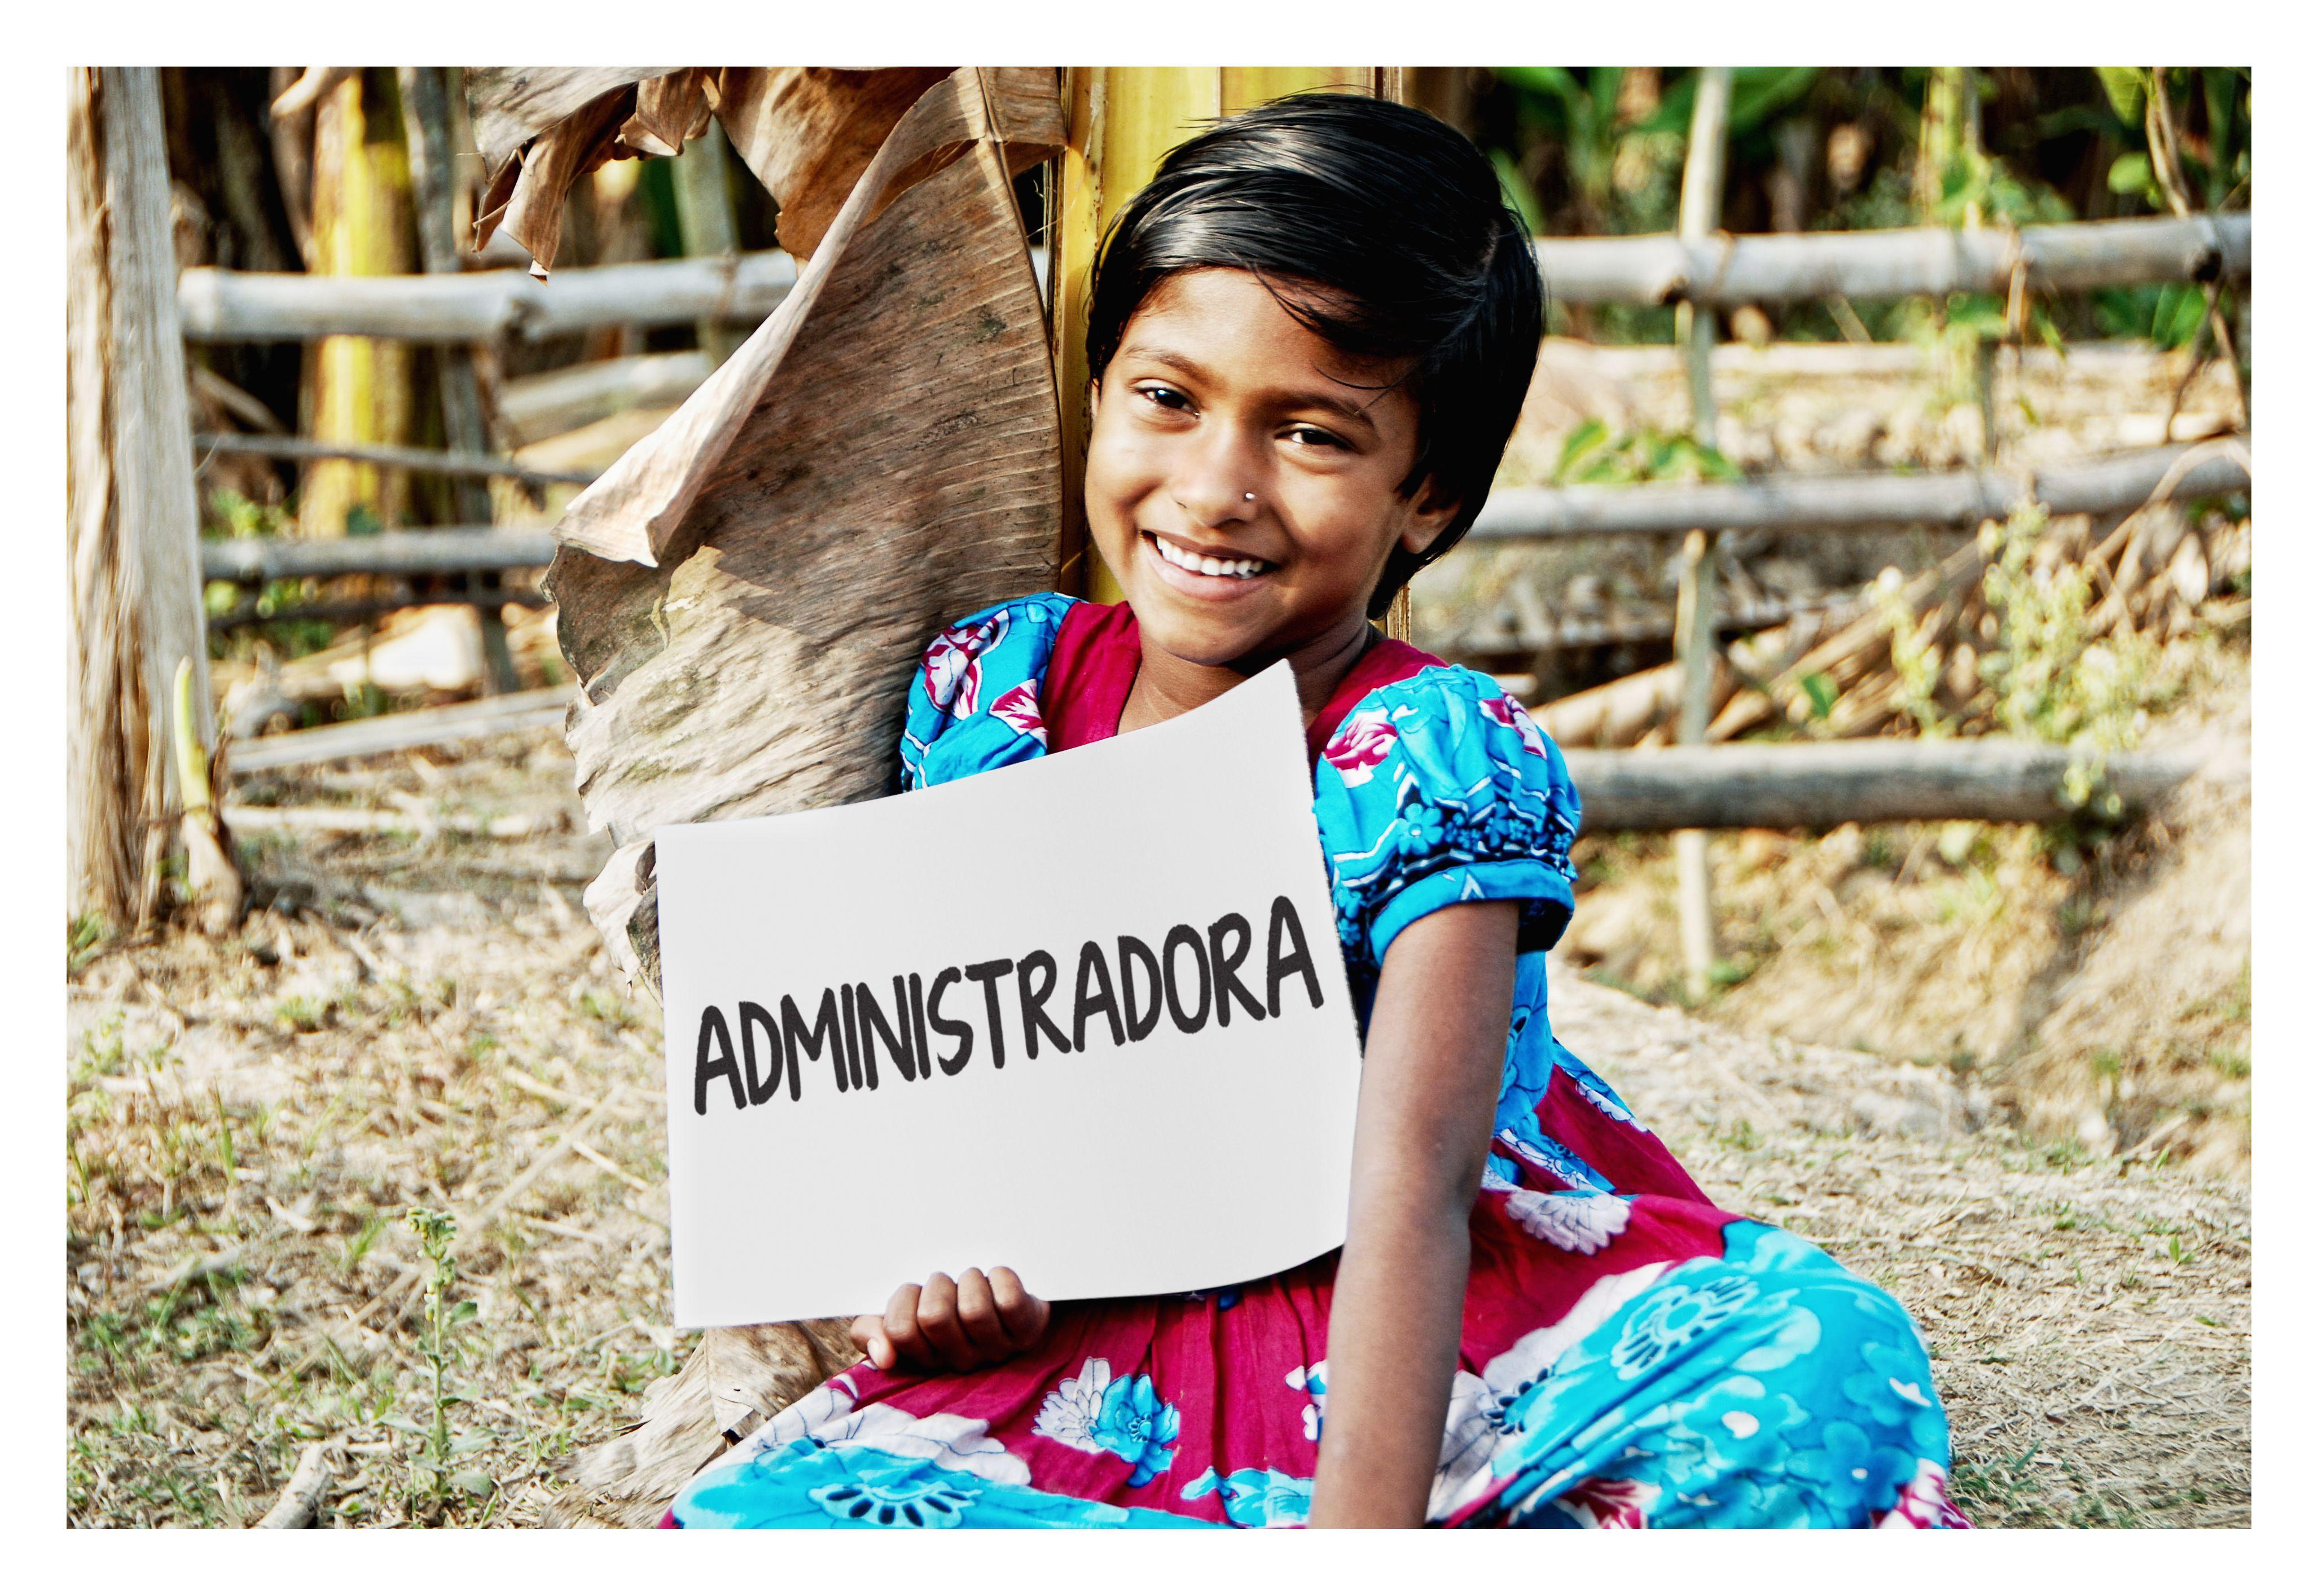 Desde que Khatun era muy pequeña ha visto a su mamá ayudar a  otras mujeres que solicitan dinero para poner en marcha sus propios negocios en Bangladesh. Gracias a los microcréditos muchas mujeres pueden sacar adelante sus pequeños negocios.  Khatun ya sabe contar y le gusta sentarse al lado de su mamá y repasar los números.  El sueño de Khatun es ser administradora y ayudar a todas las mujeres de su comunidad.   www.quierosermayor.es